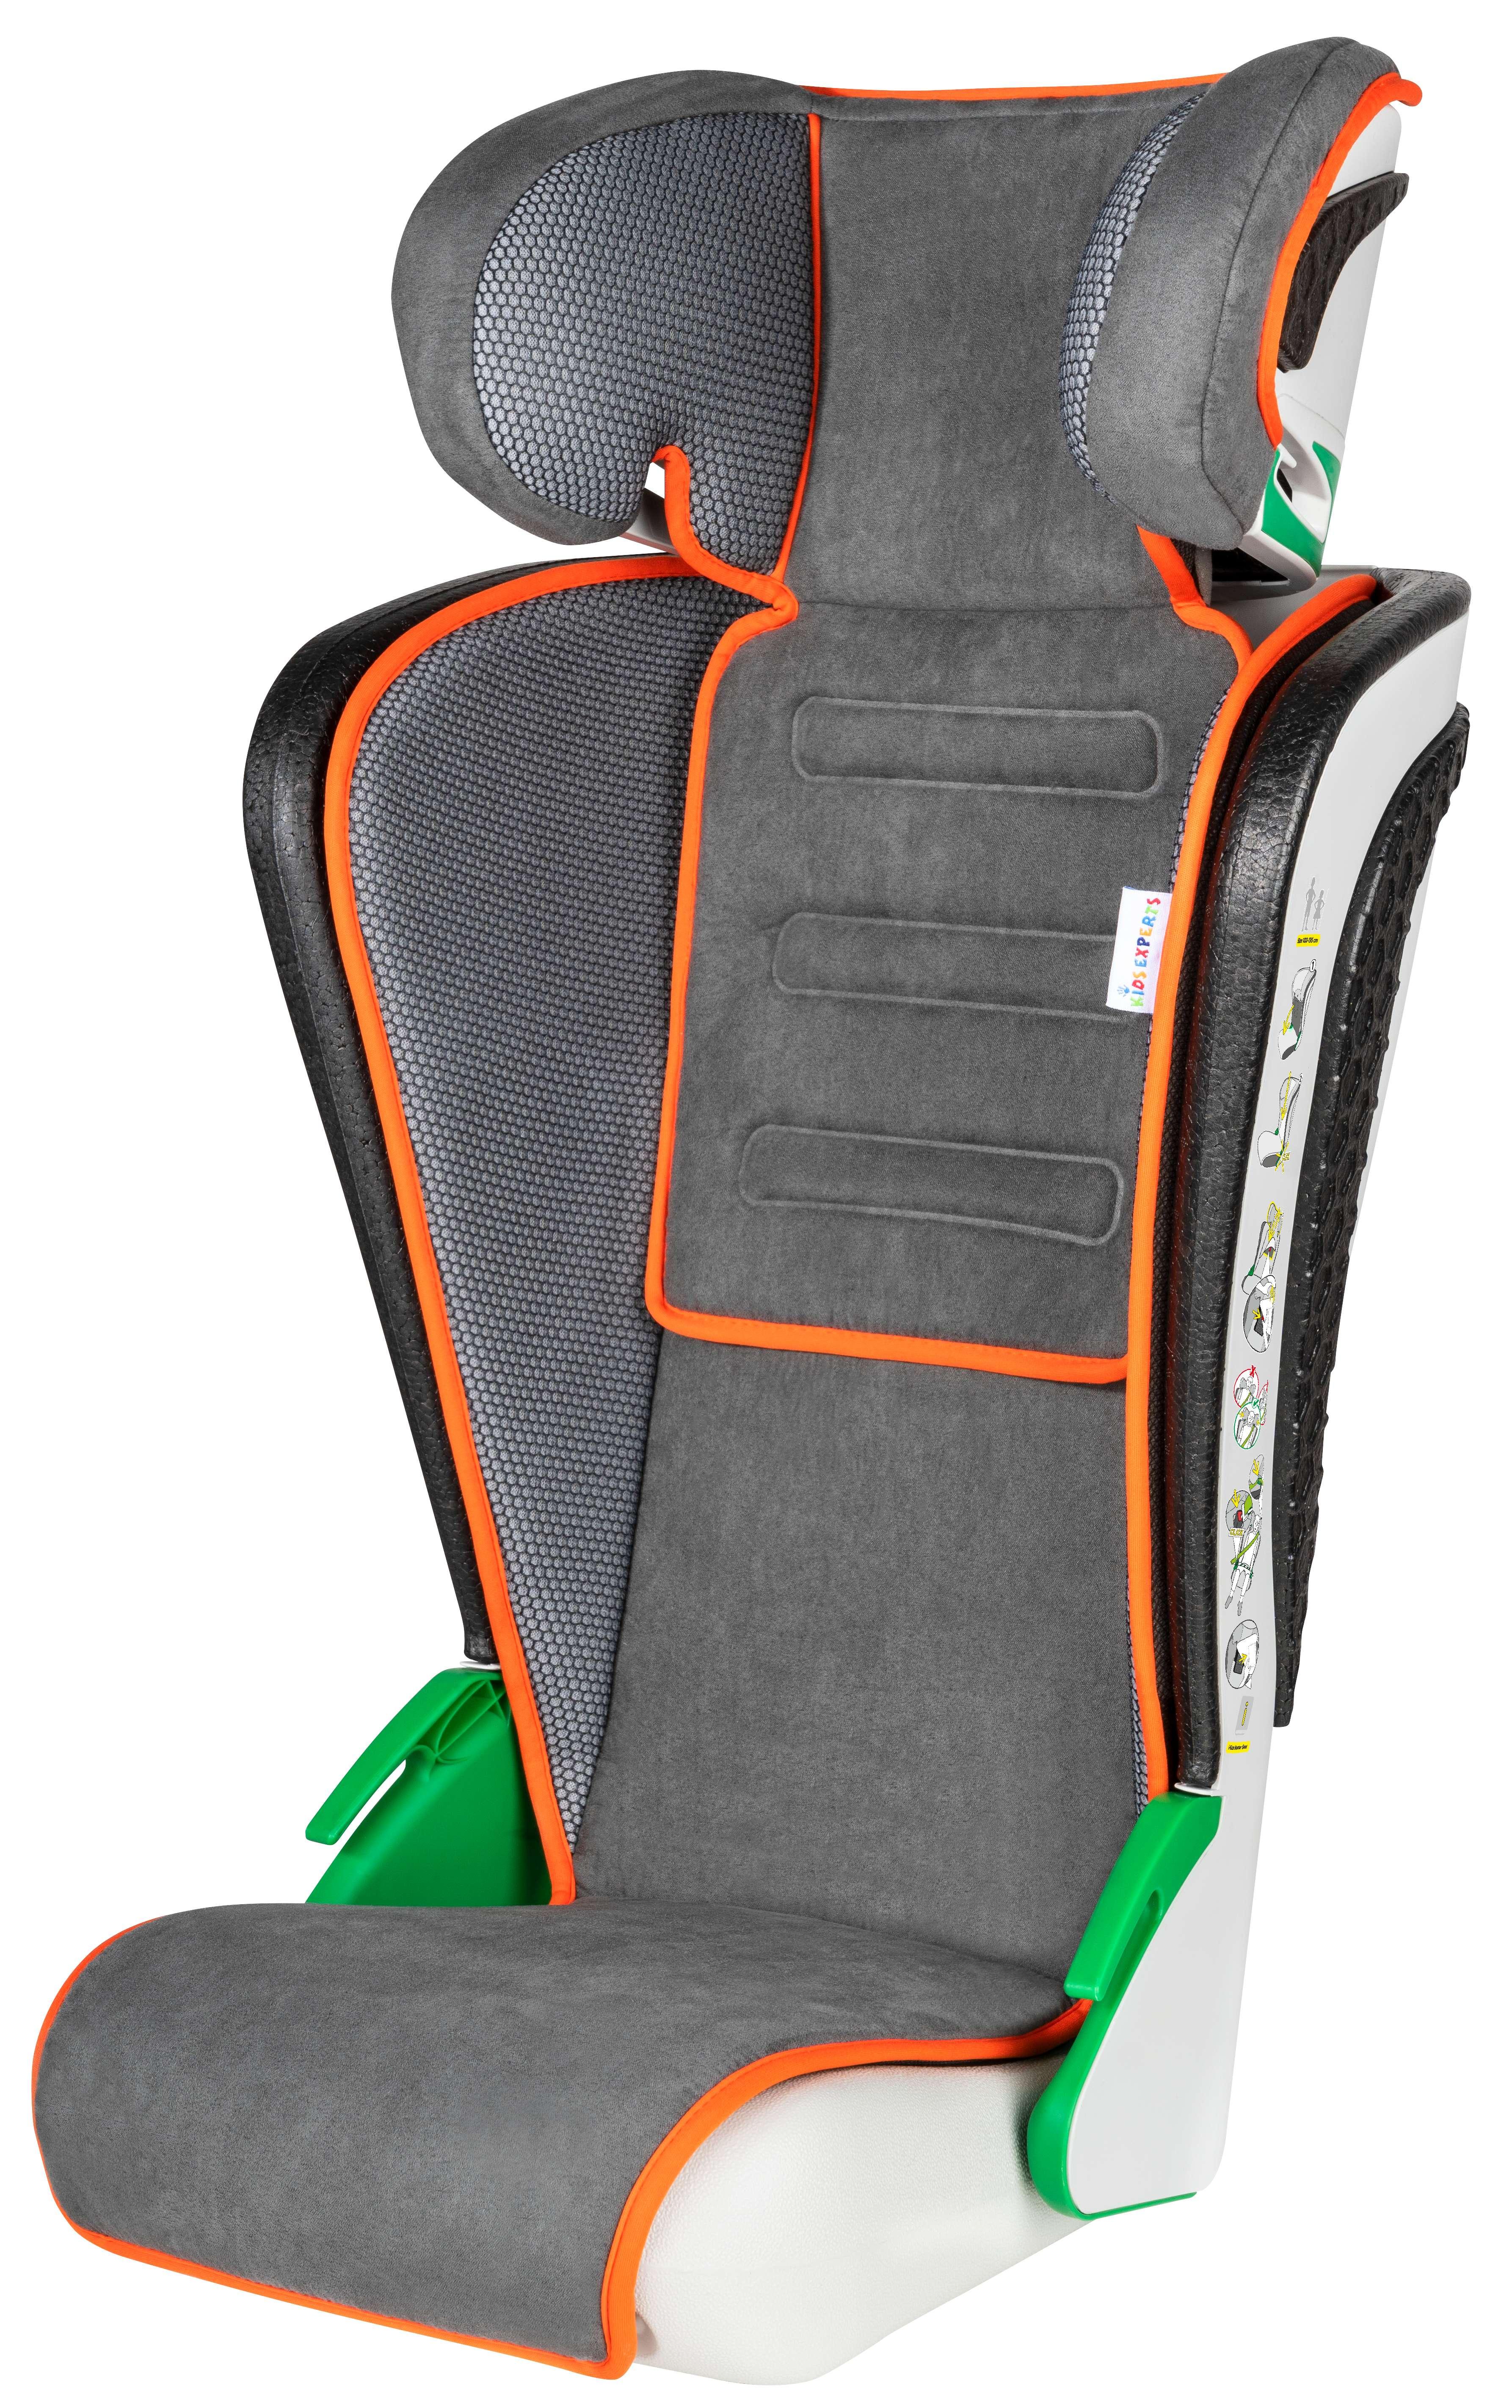 Autokindersitz Autositz Kinderautositz 3-8 Jahren 100-135cm anthrazit orange